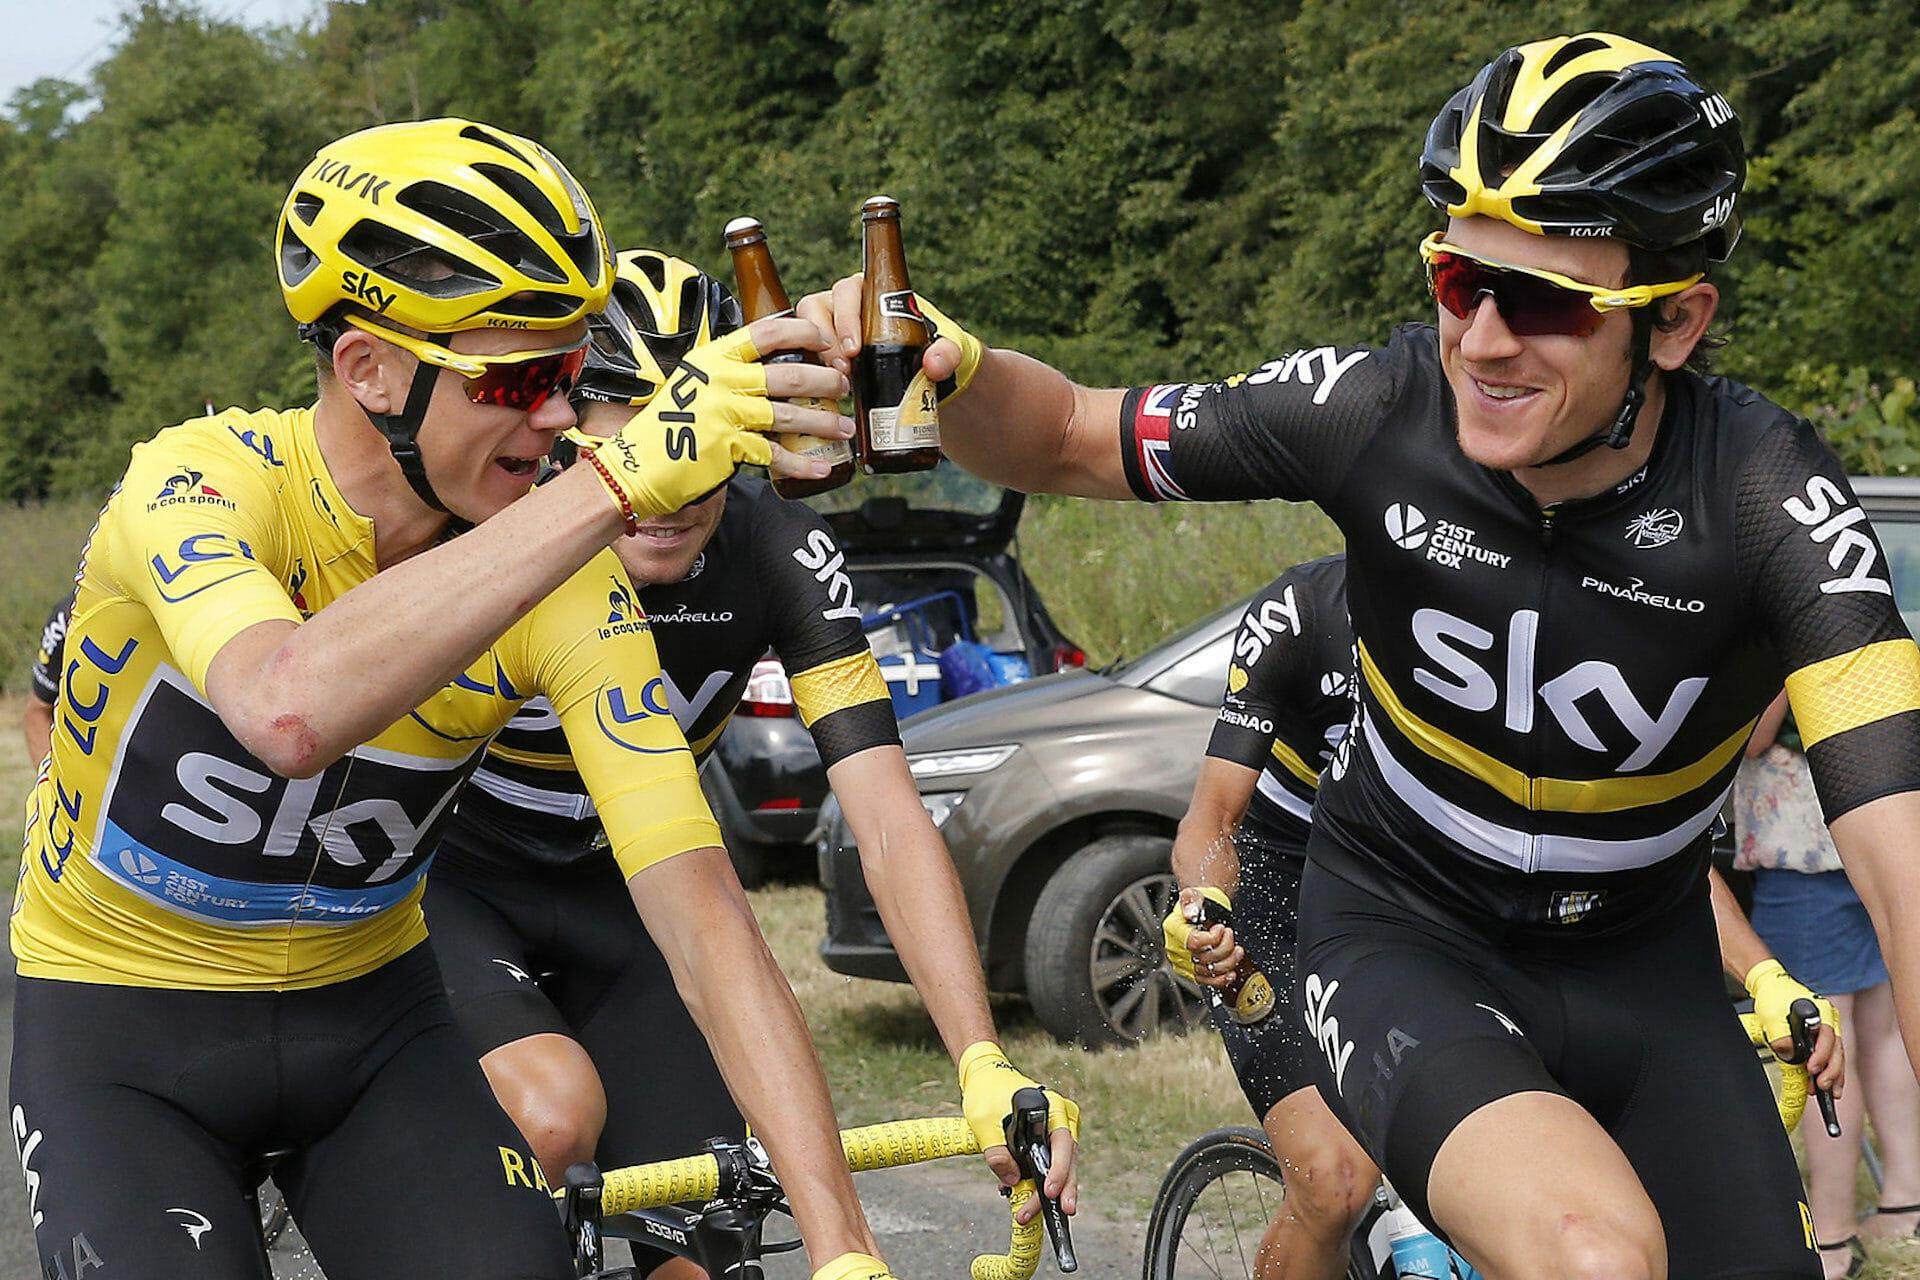 Quel est le régime alimentaire des coureurs du Tour de France?